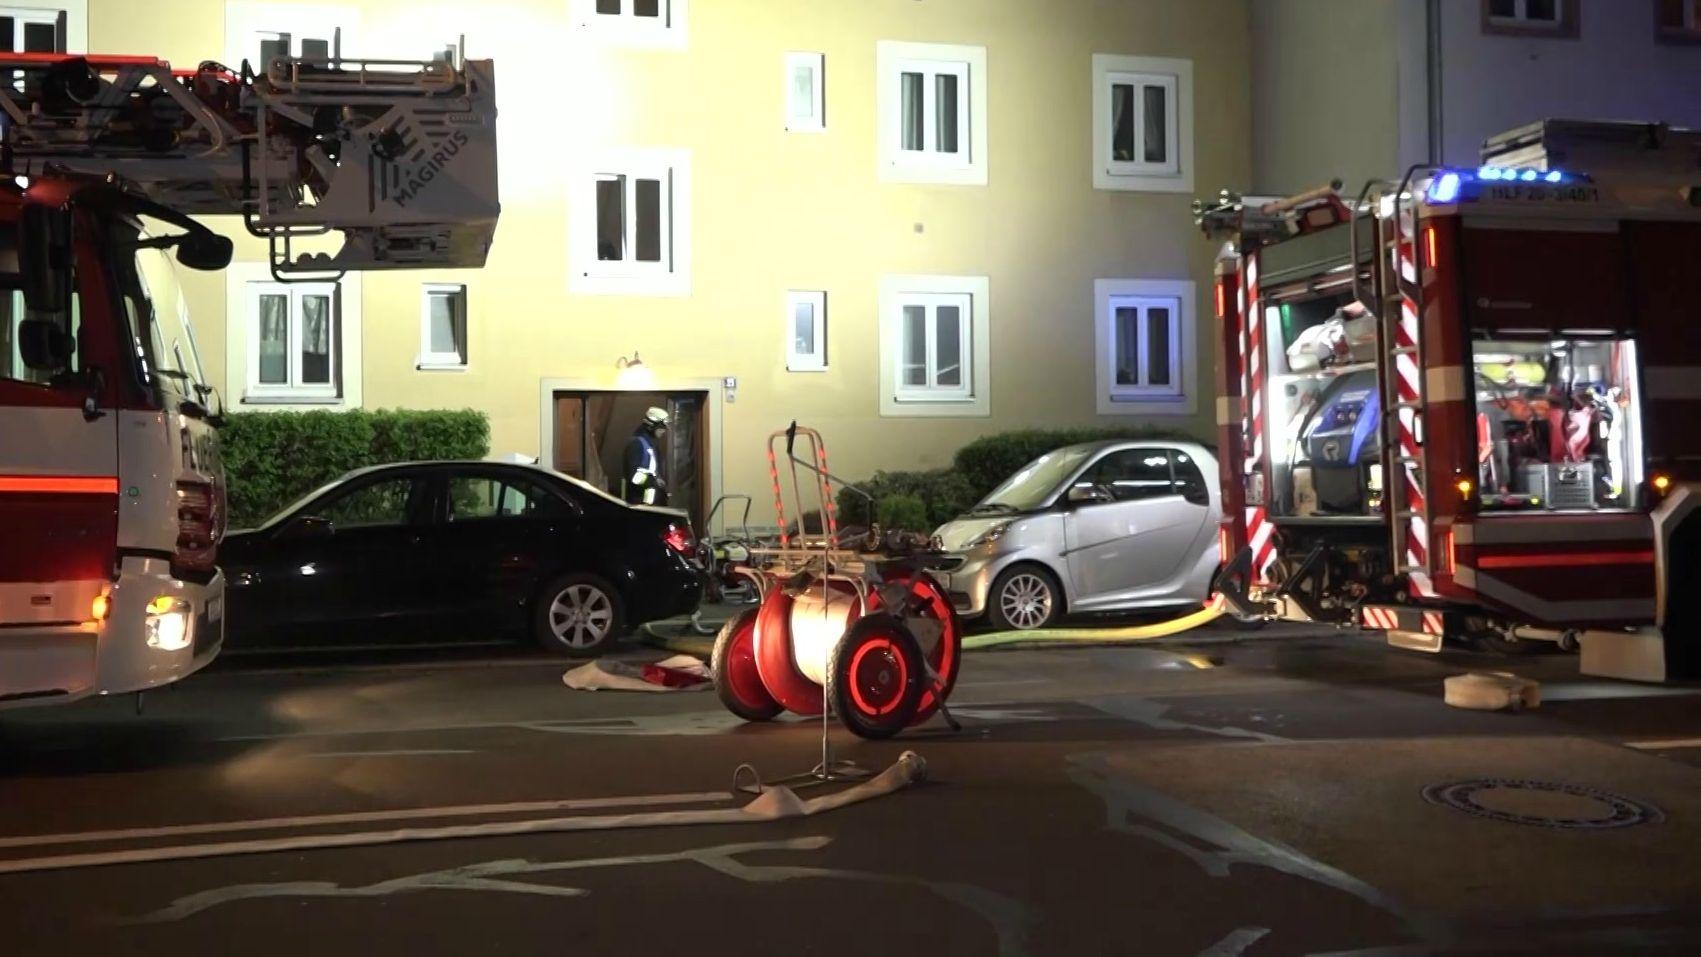 17-Jähriger springt aus brennender Wohnung im zweiten Stock